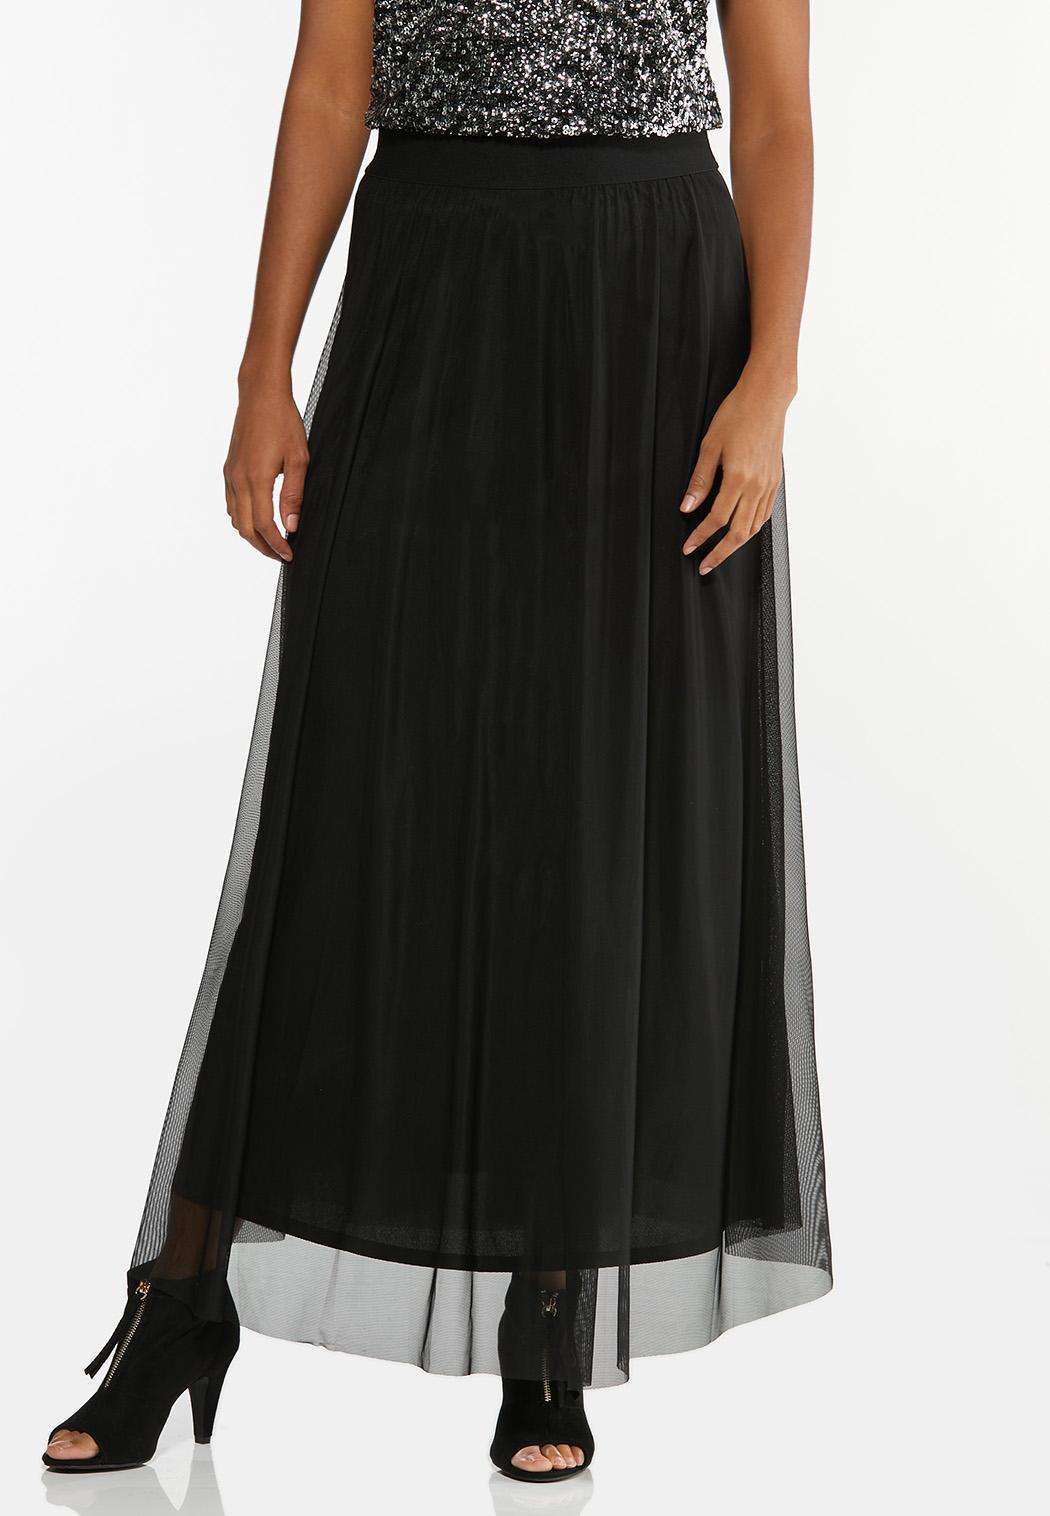 Lavender Mesh Maxi Skirt